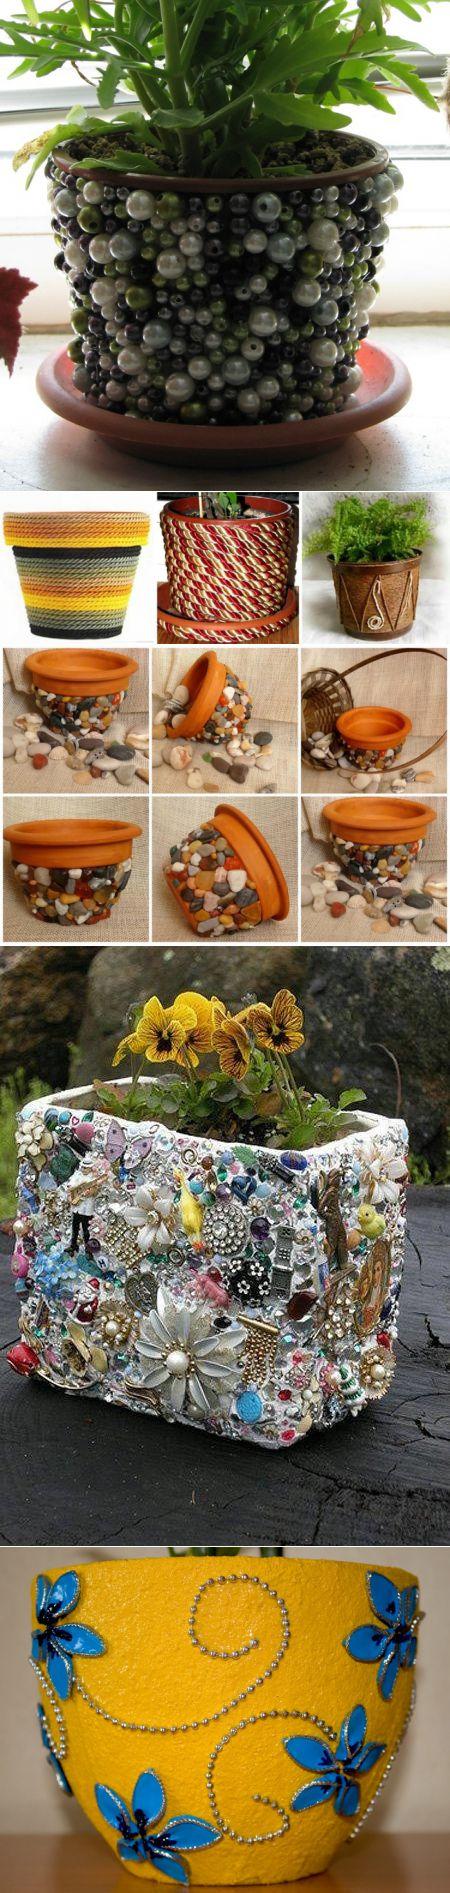 Как украсить цветочный горшок? декорирование кашпо своими руками